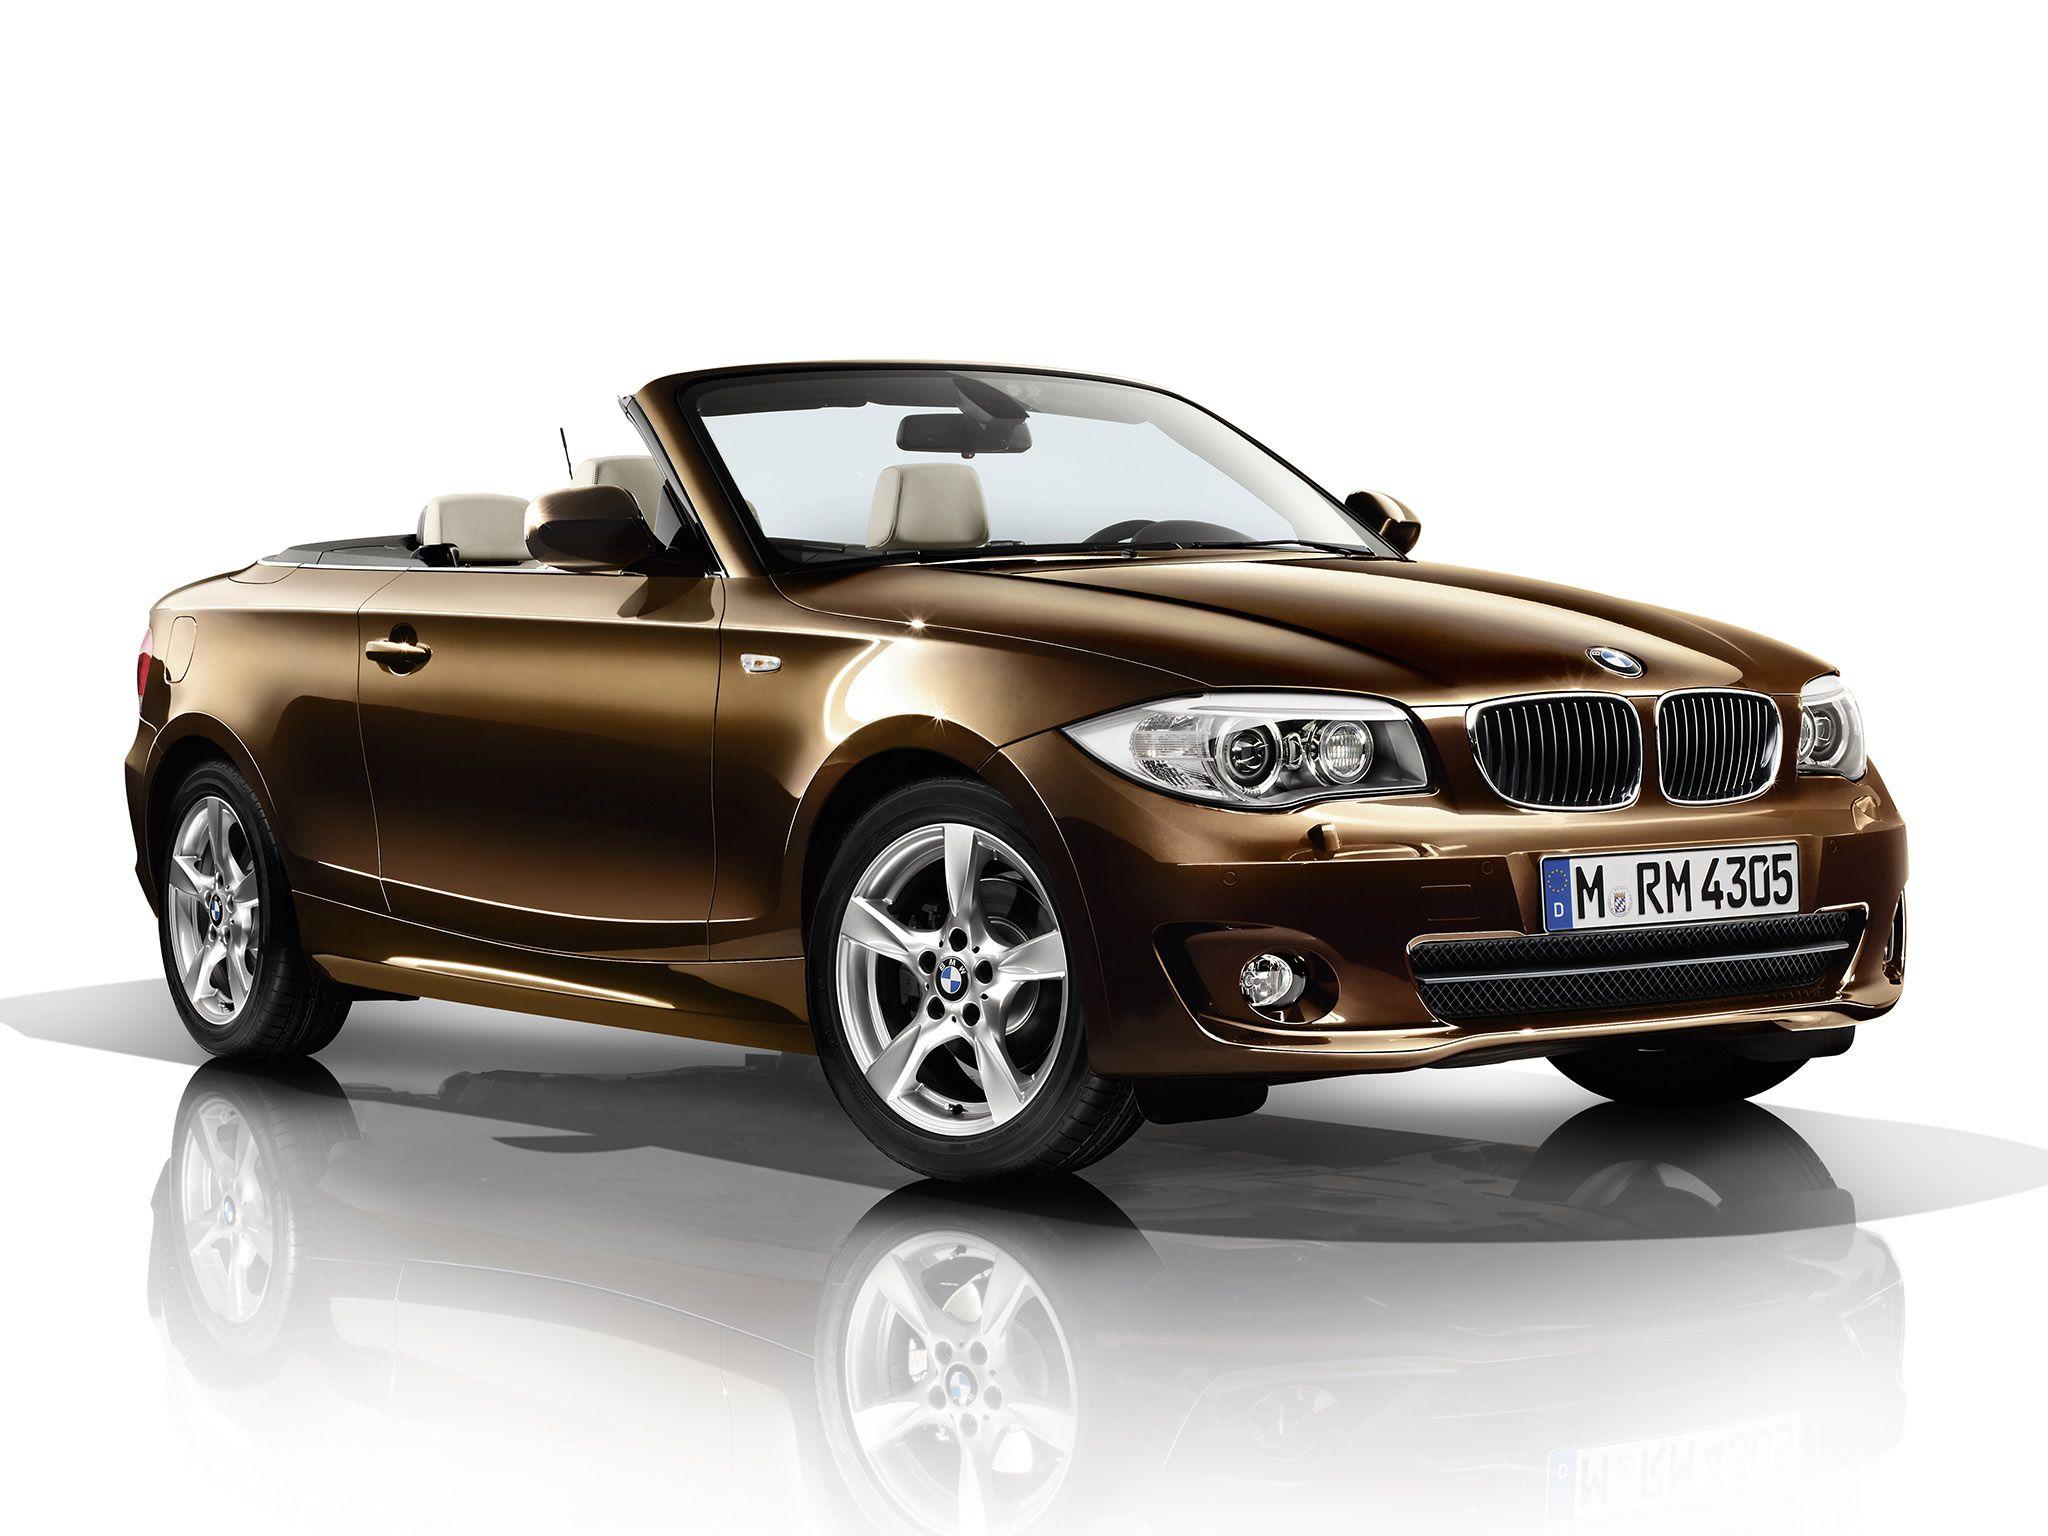 2012 BMW 1 Series Convertible brown car  BMW  Pinterest  BMW